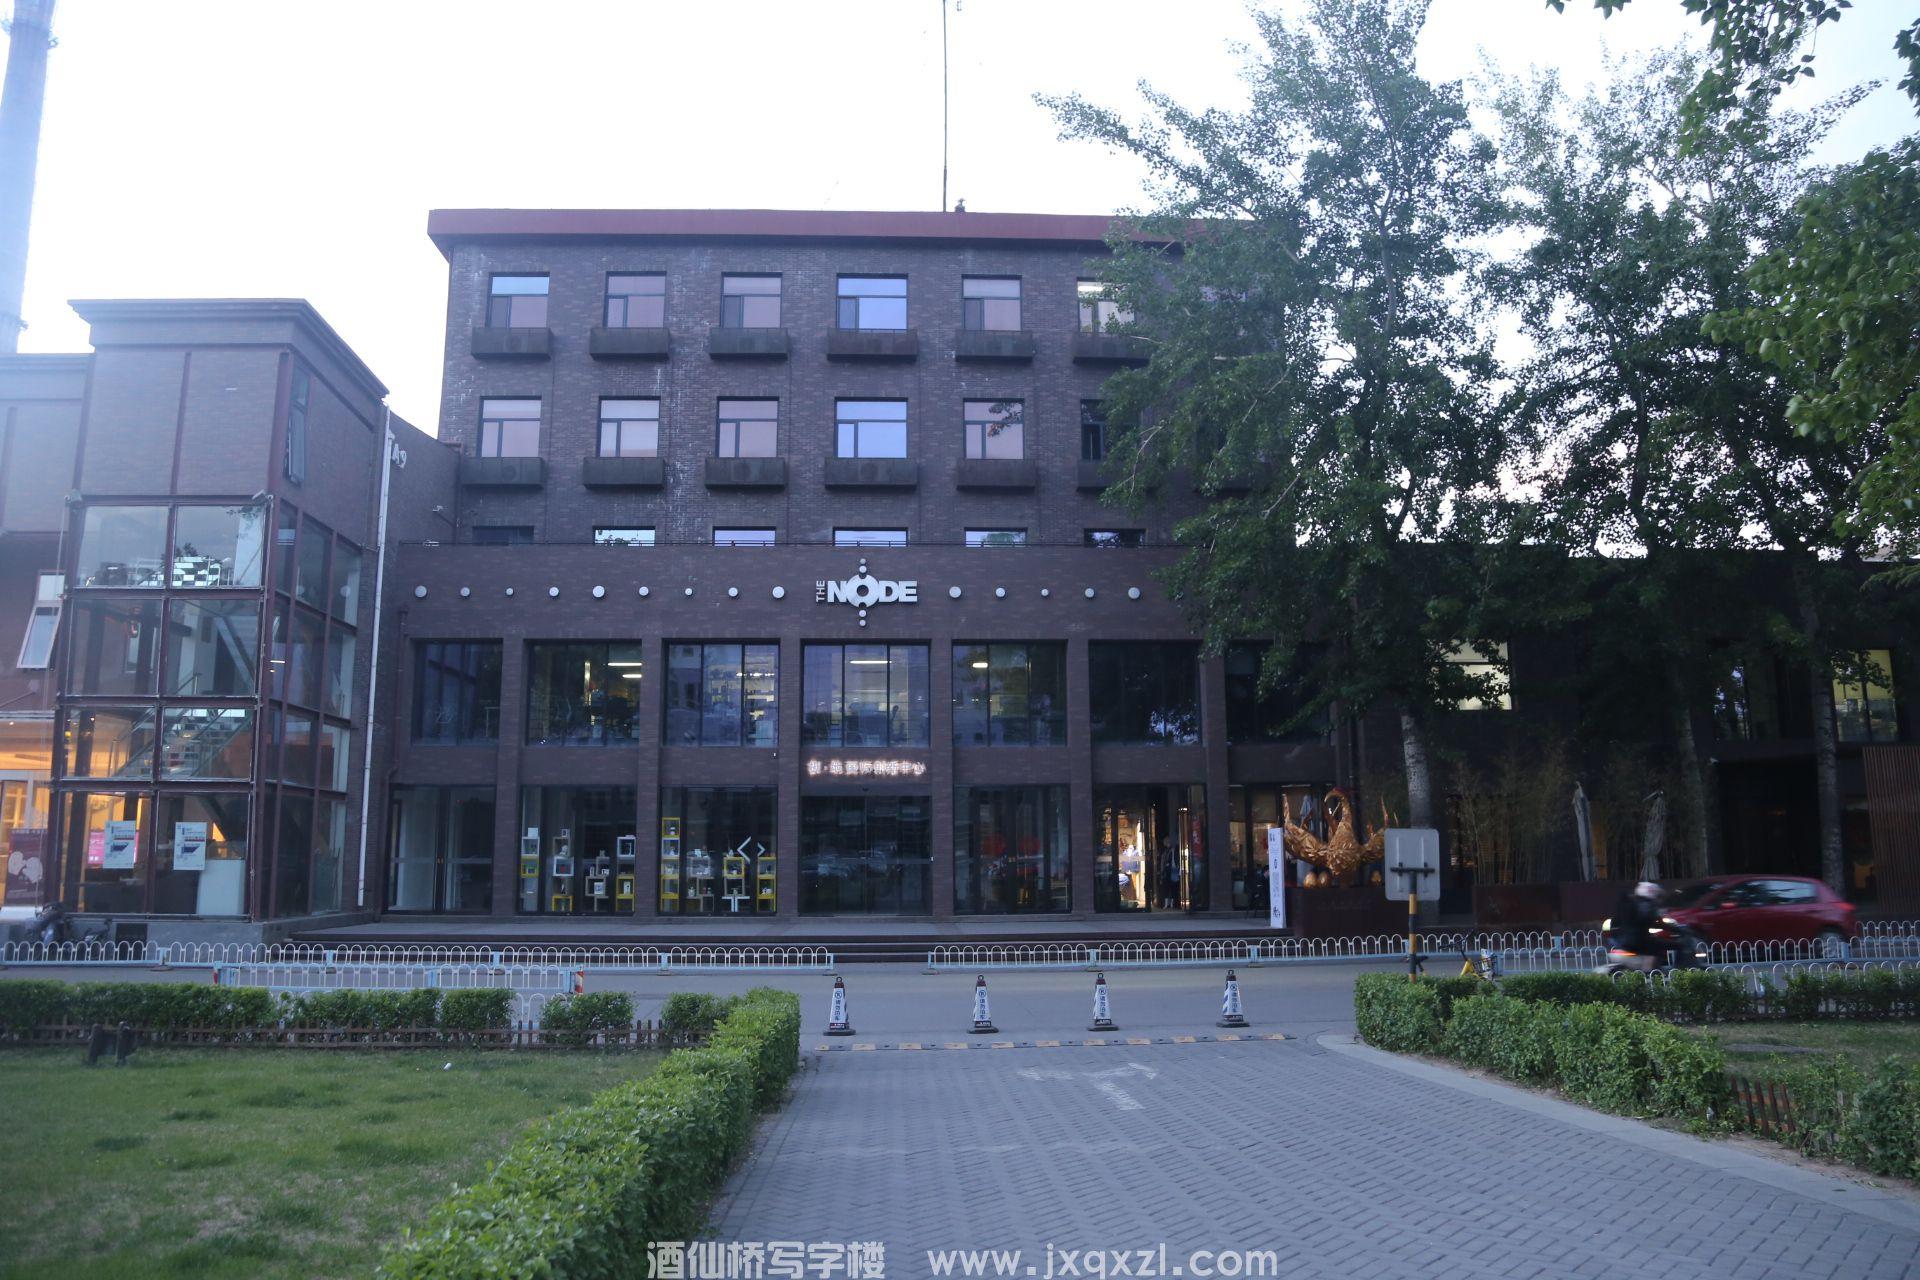 751D·PARK北京时尚设计广场A12号楼